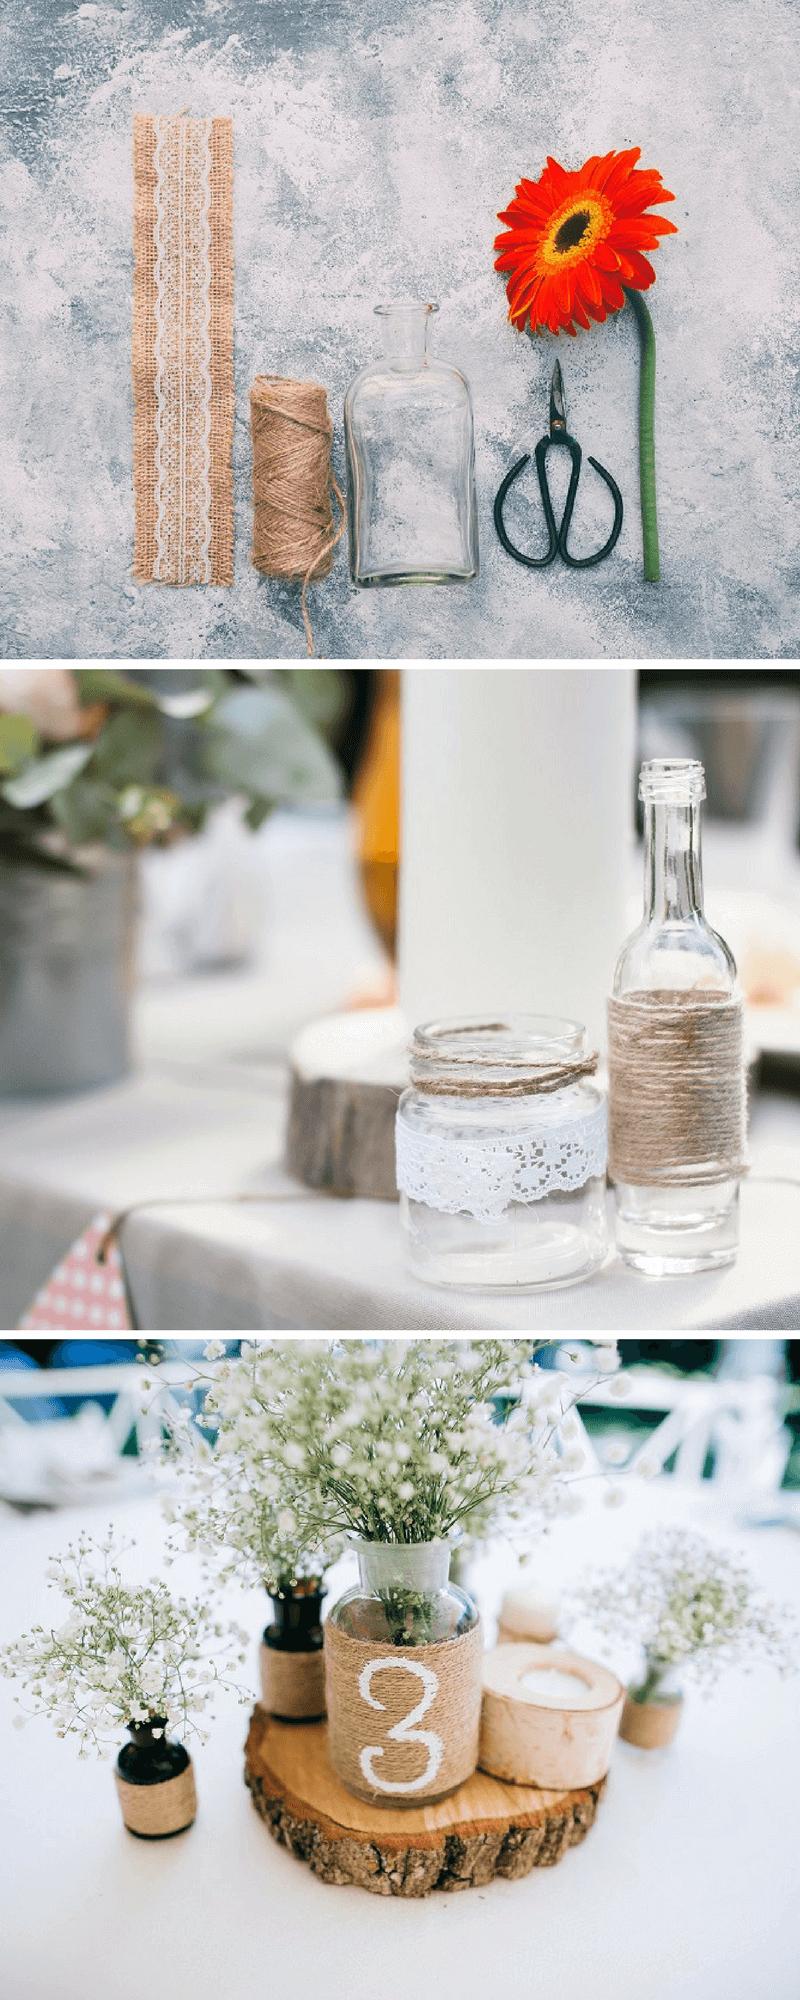 Hochzeitsdeko selber machen 5 einfache blumendeko ideen for Hochzeitsdeko ideen